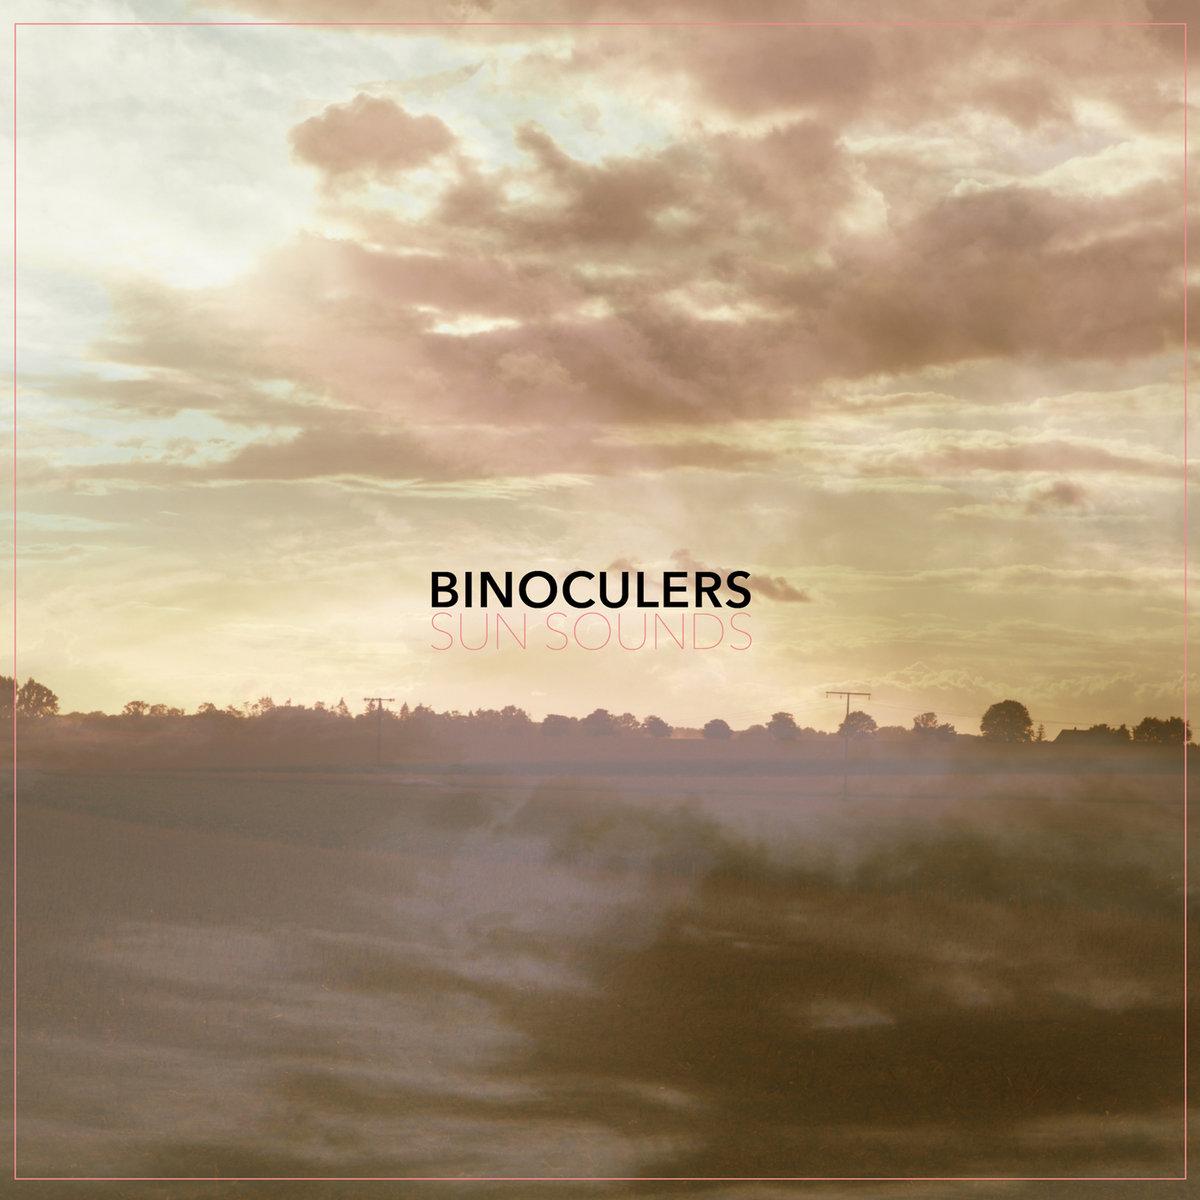 sun sounds | binoculers